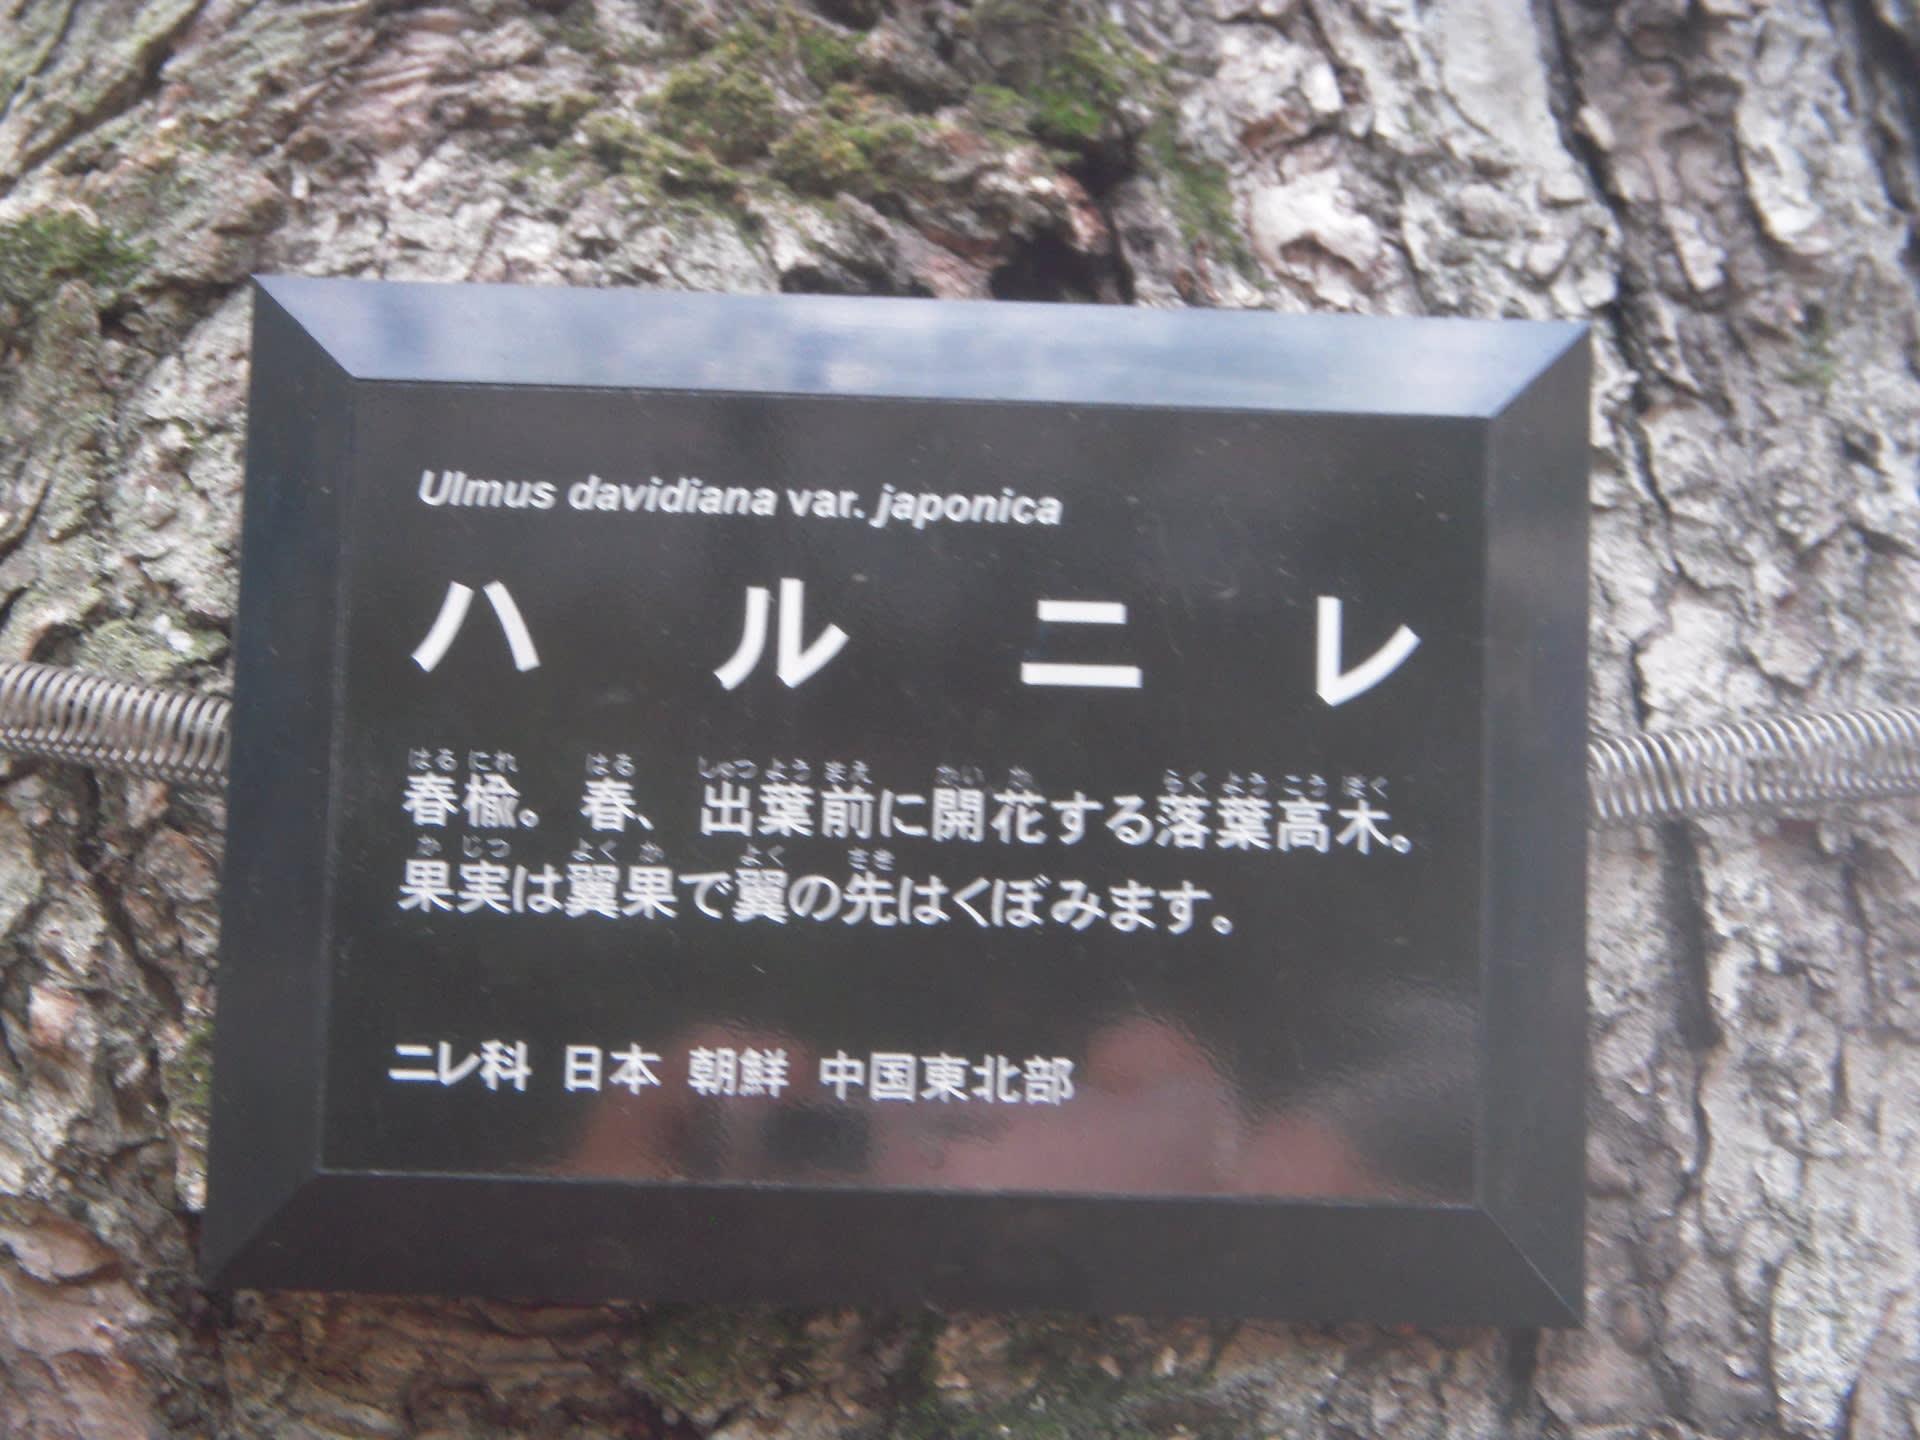 春楡 - OKADAのプチBLOG